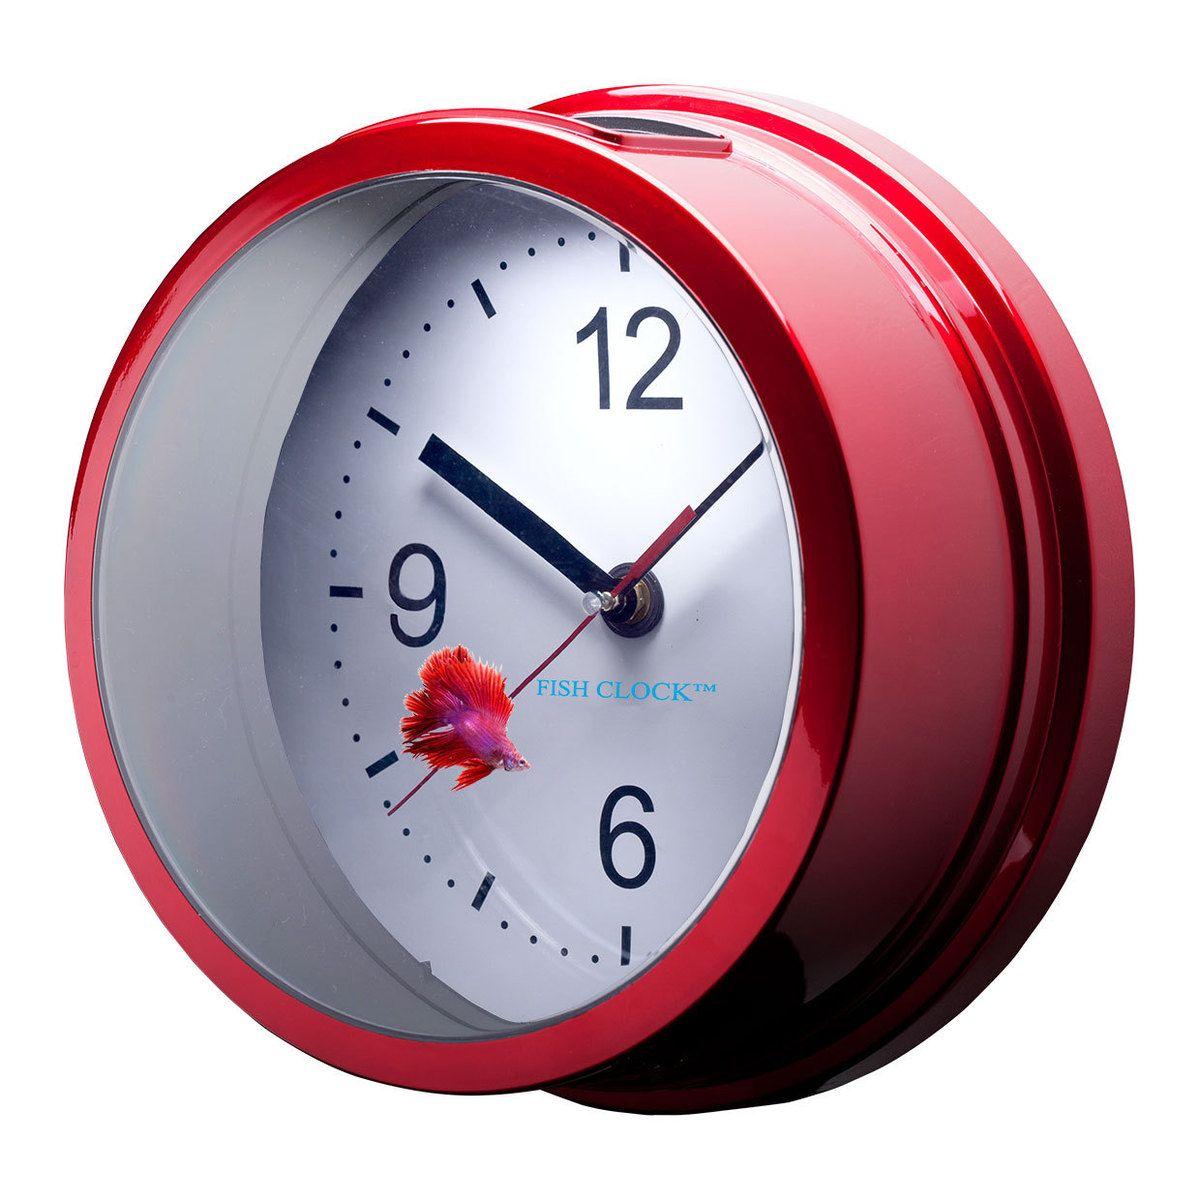 Betta Fish Clock By Aquavista Looks Cool But 1. I Donu0027t Have Or